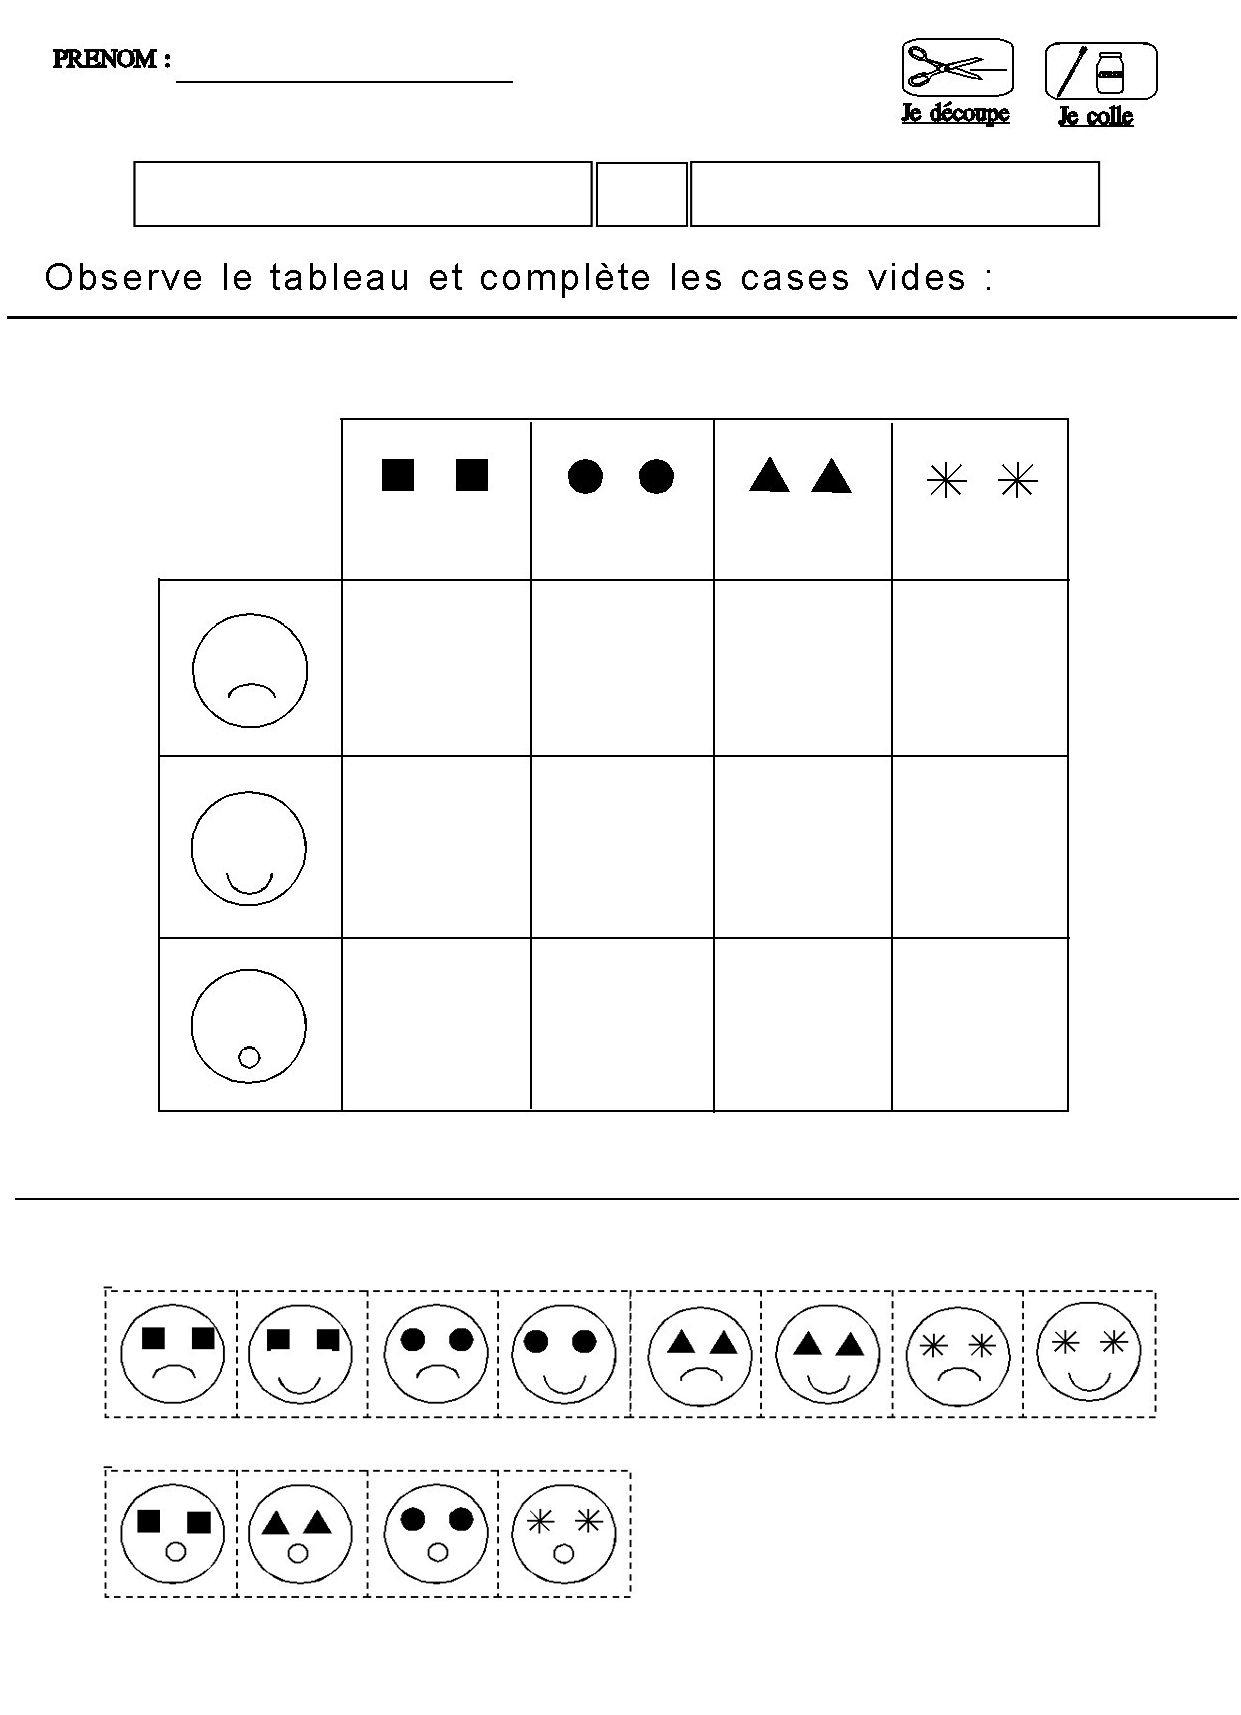 Tableau Double Entrees Pour Maternelle Moyenne Section destiné Exercice Maternelle Moyenne Section À Imprimer